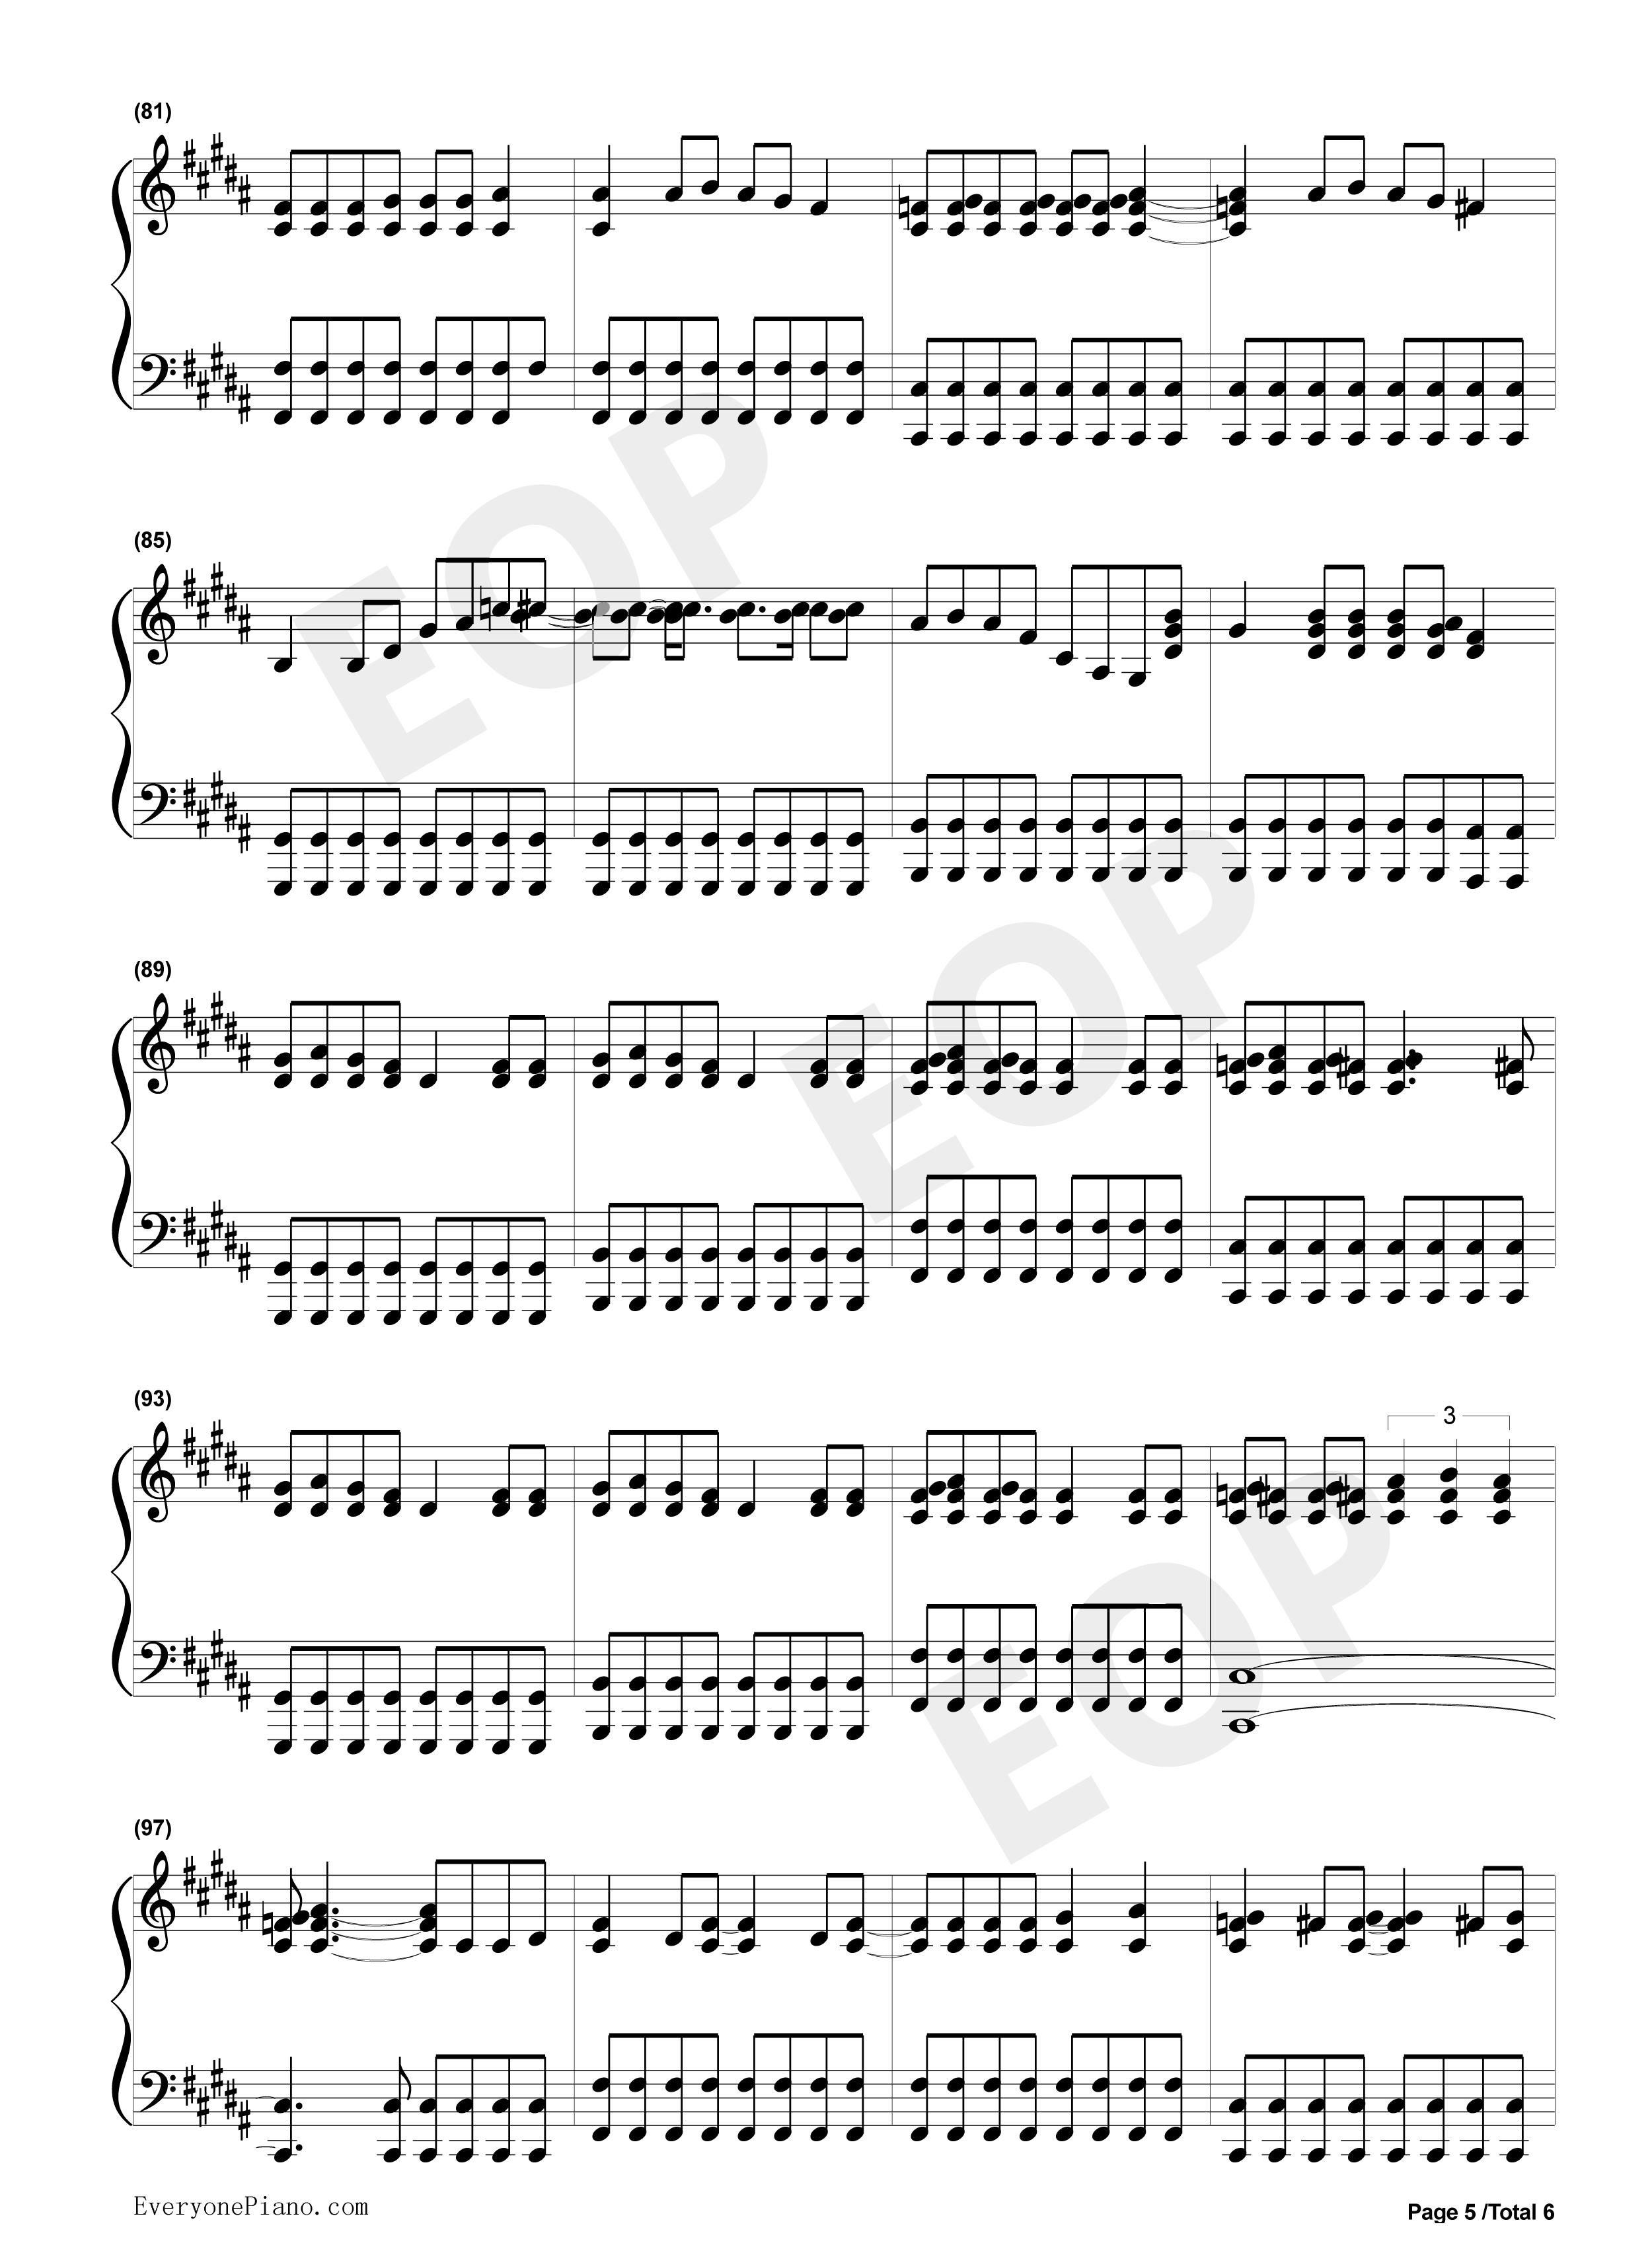 always with me钢琴曲谱完整版